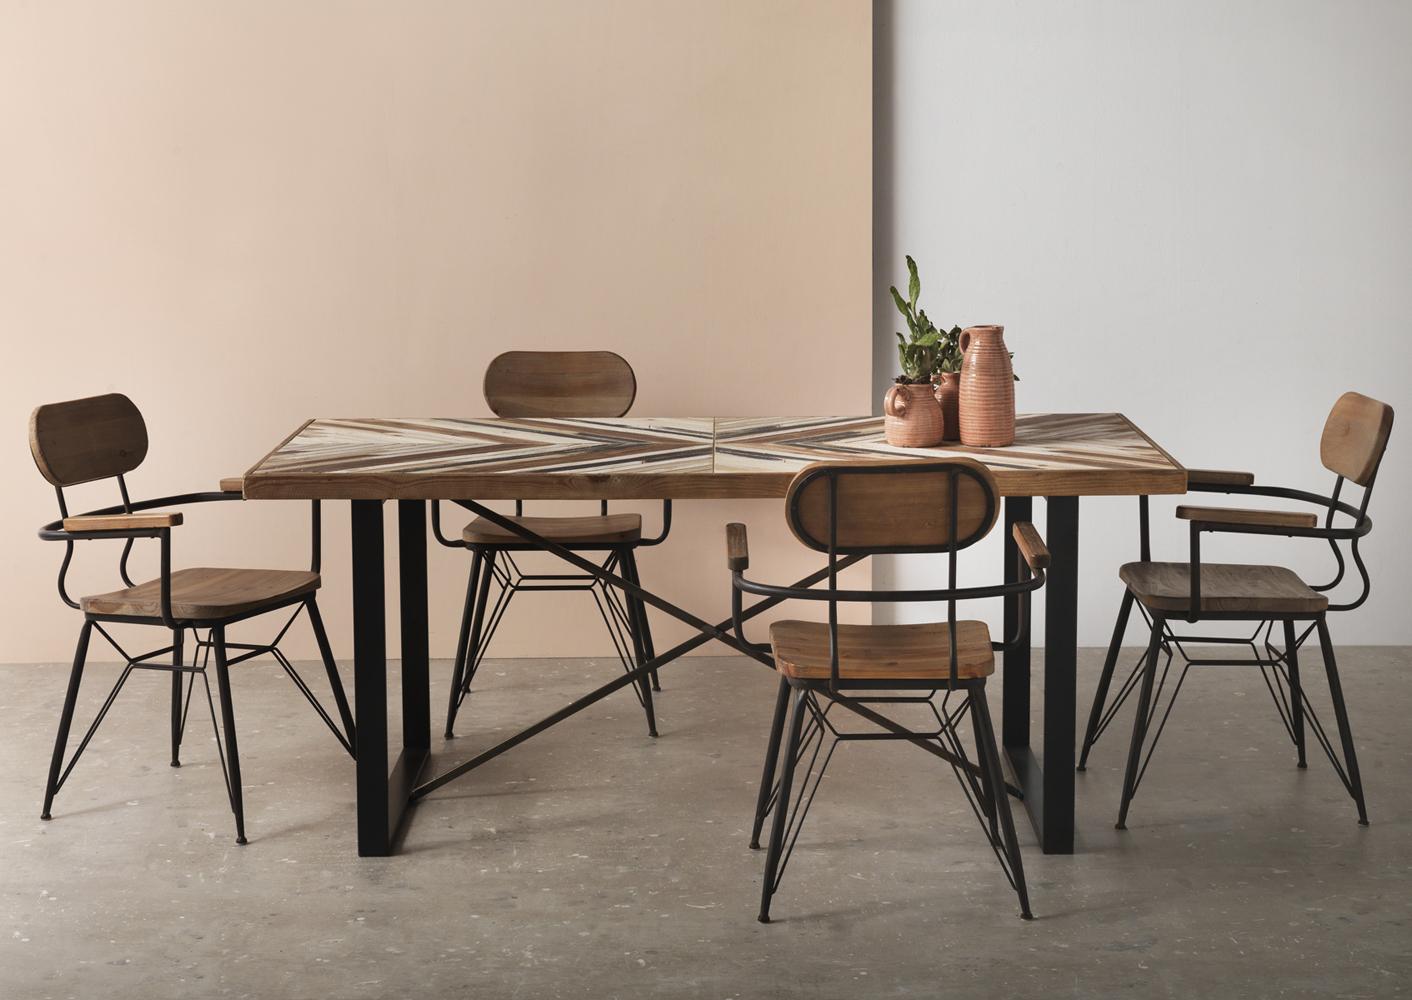 Muebles para salon y comedor de estilo vintage industrial